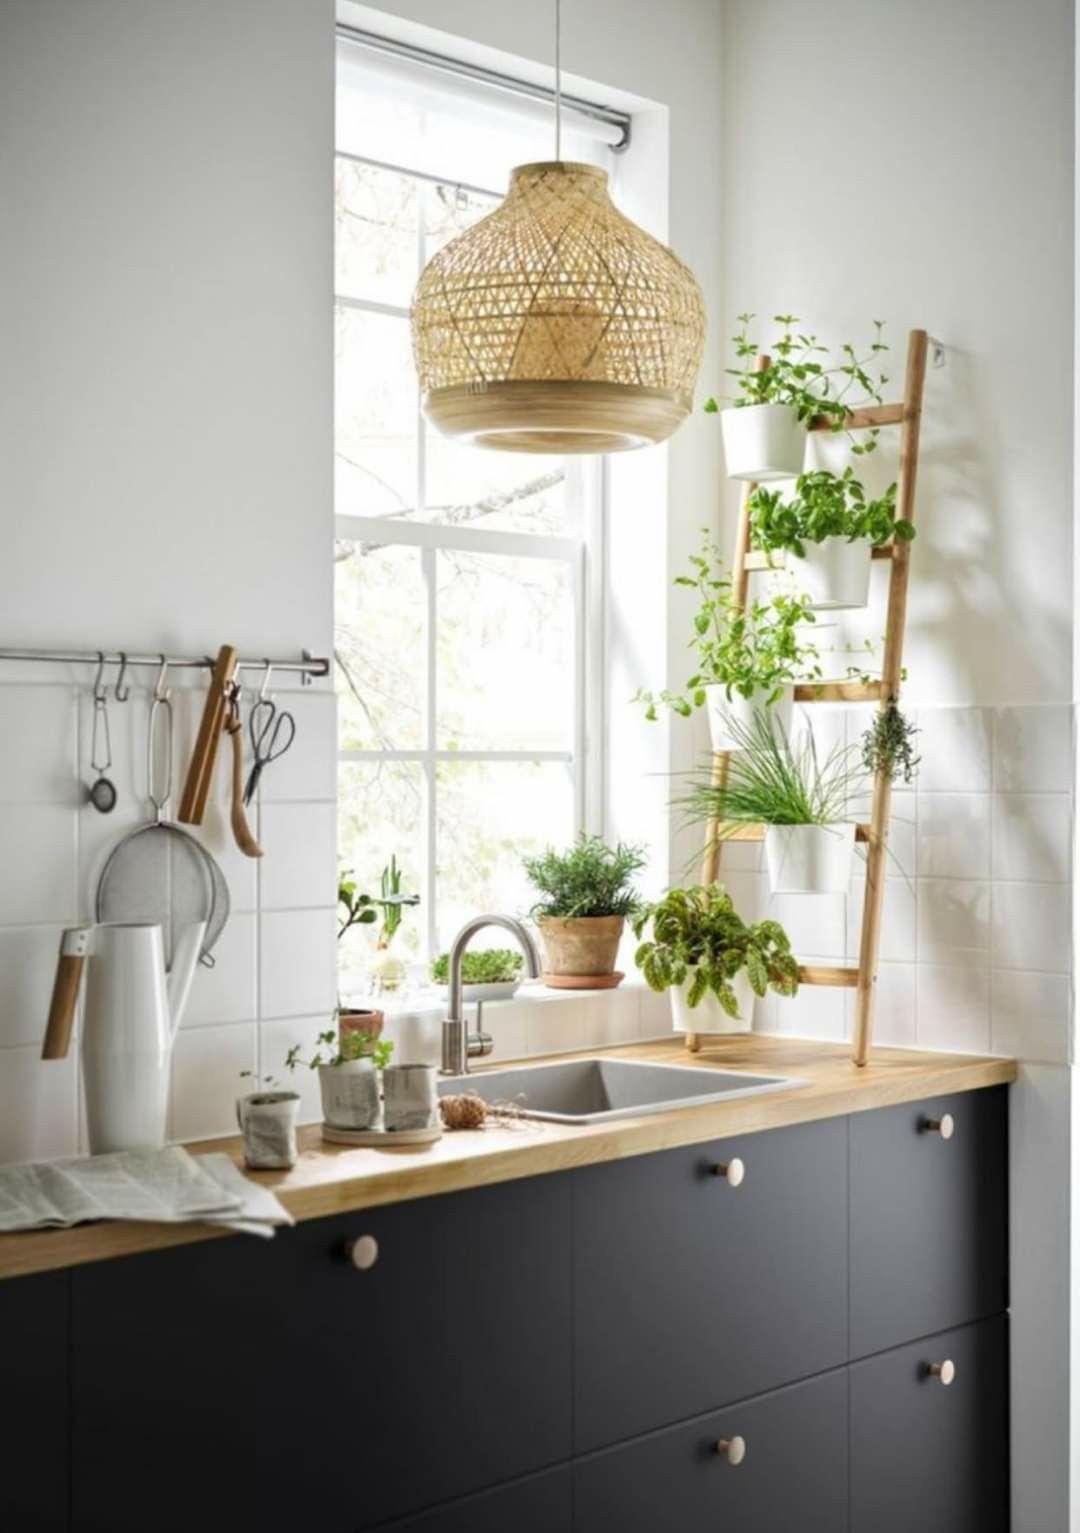 Pin By Brenda Rodriguez On Ideas Para La Casa Kitchen Cabinets Fronts Ikea Catalog Ikea